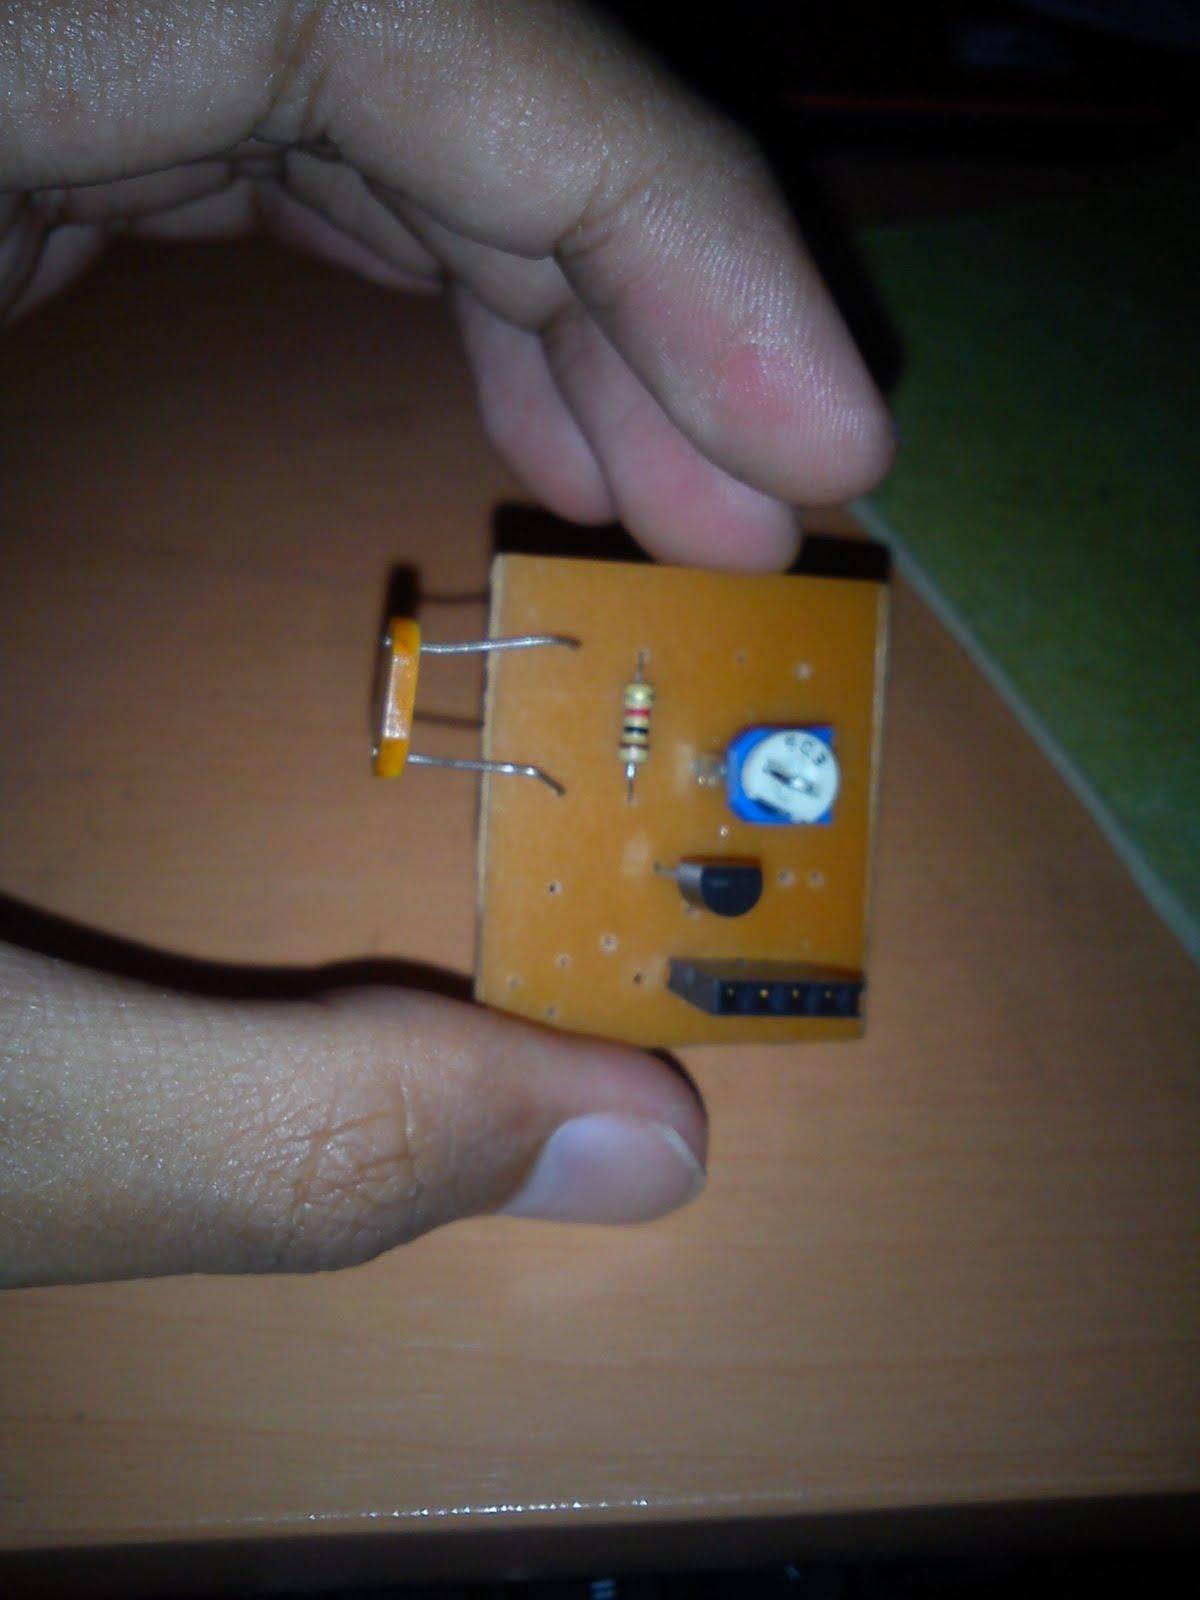 Testing Sensor Cahaya Dengan Ldr Sederhana Ini Jga Video Alat Yang Sudah Jadi Saya Upload Di Youtube